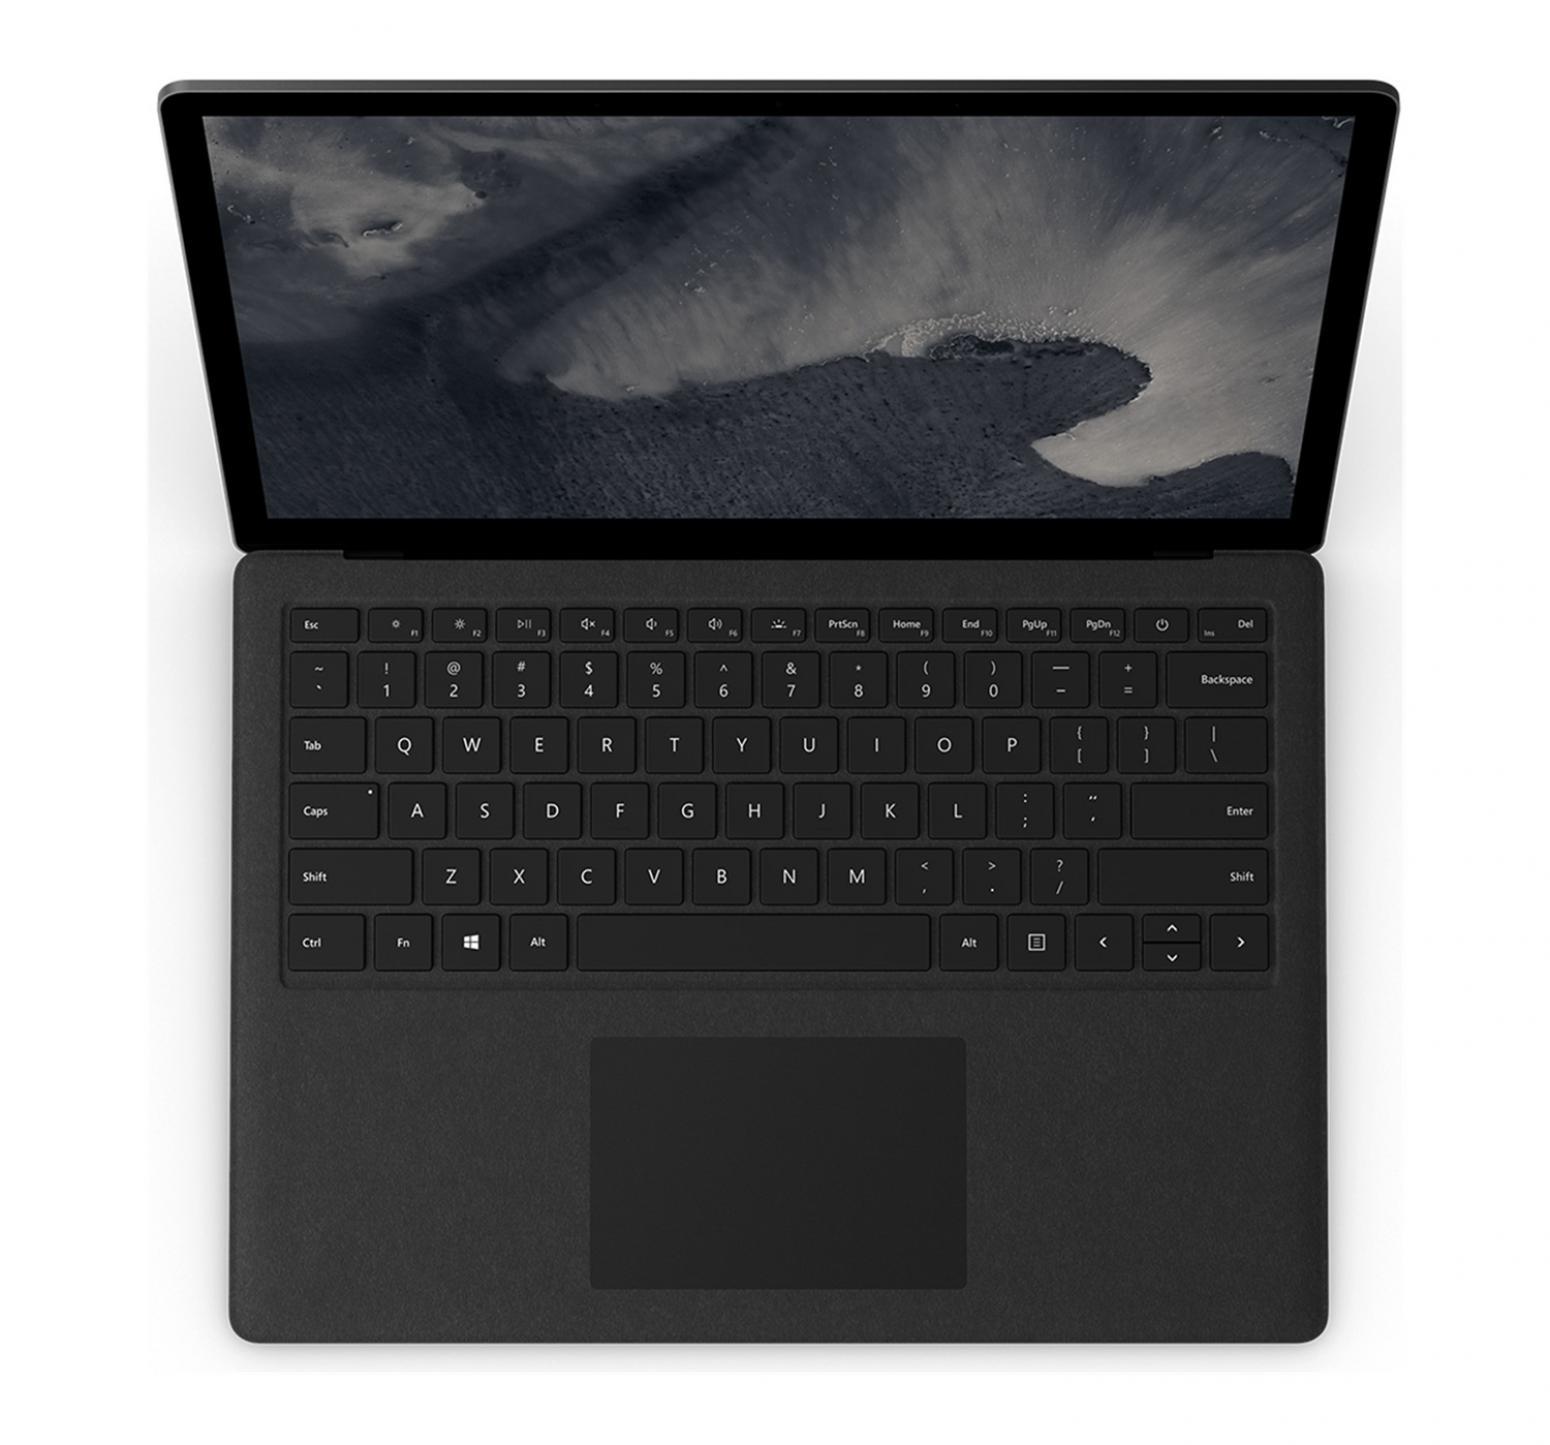 Ordinateur portable Microsoft Surface Laptop 2 - Core i5, 8 Go, 256 Go Tactile - photo 5